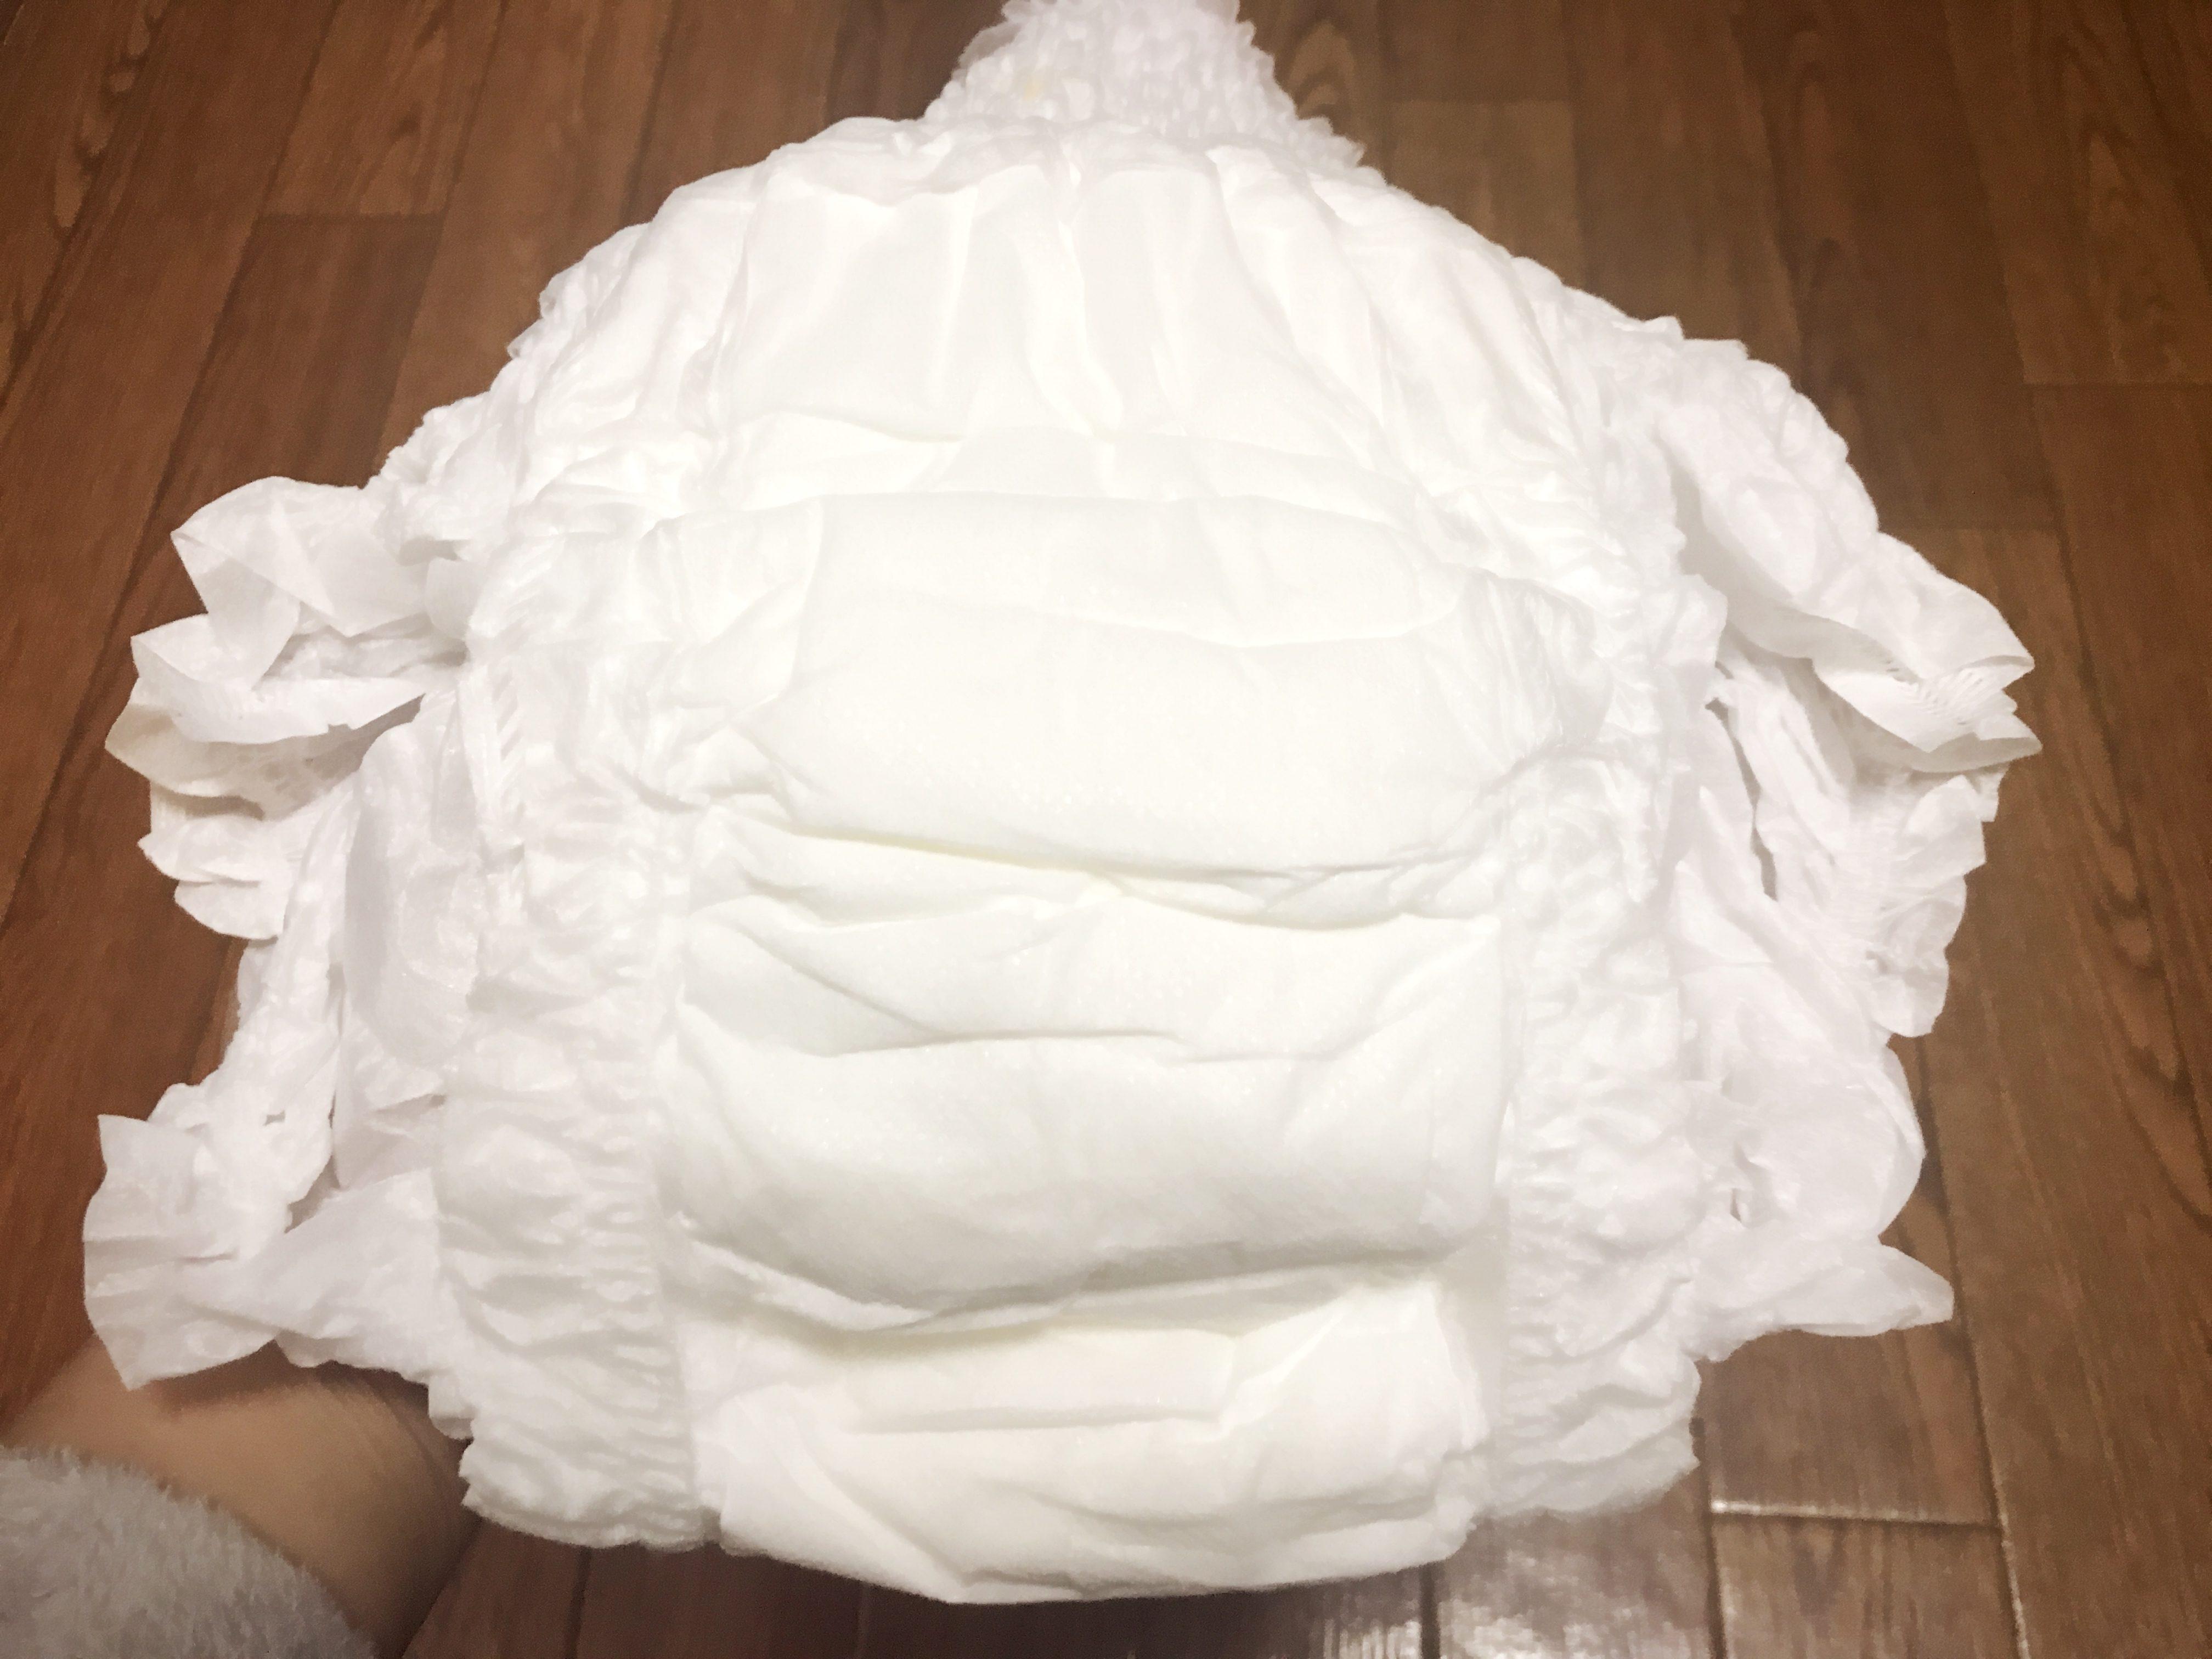 ナプキン ロリエ 型 ショーツ